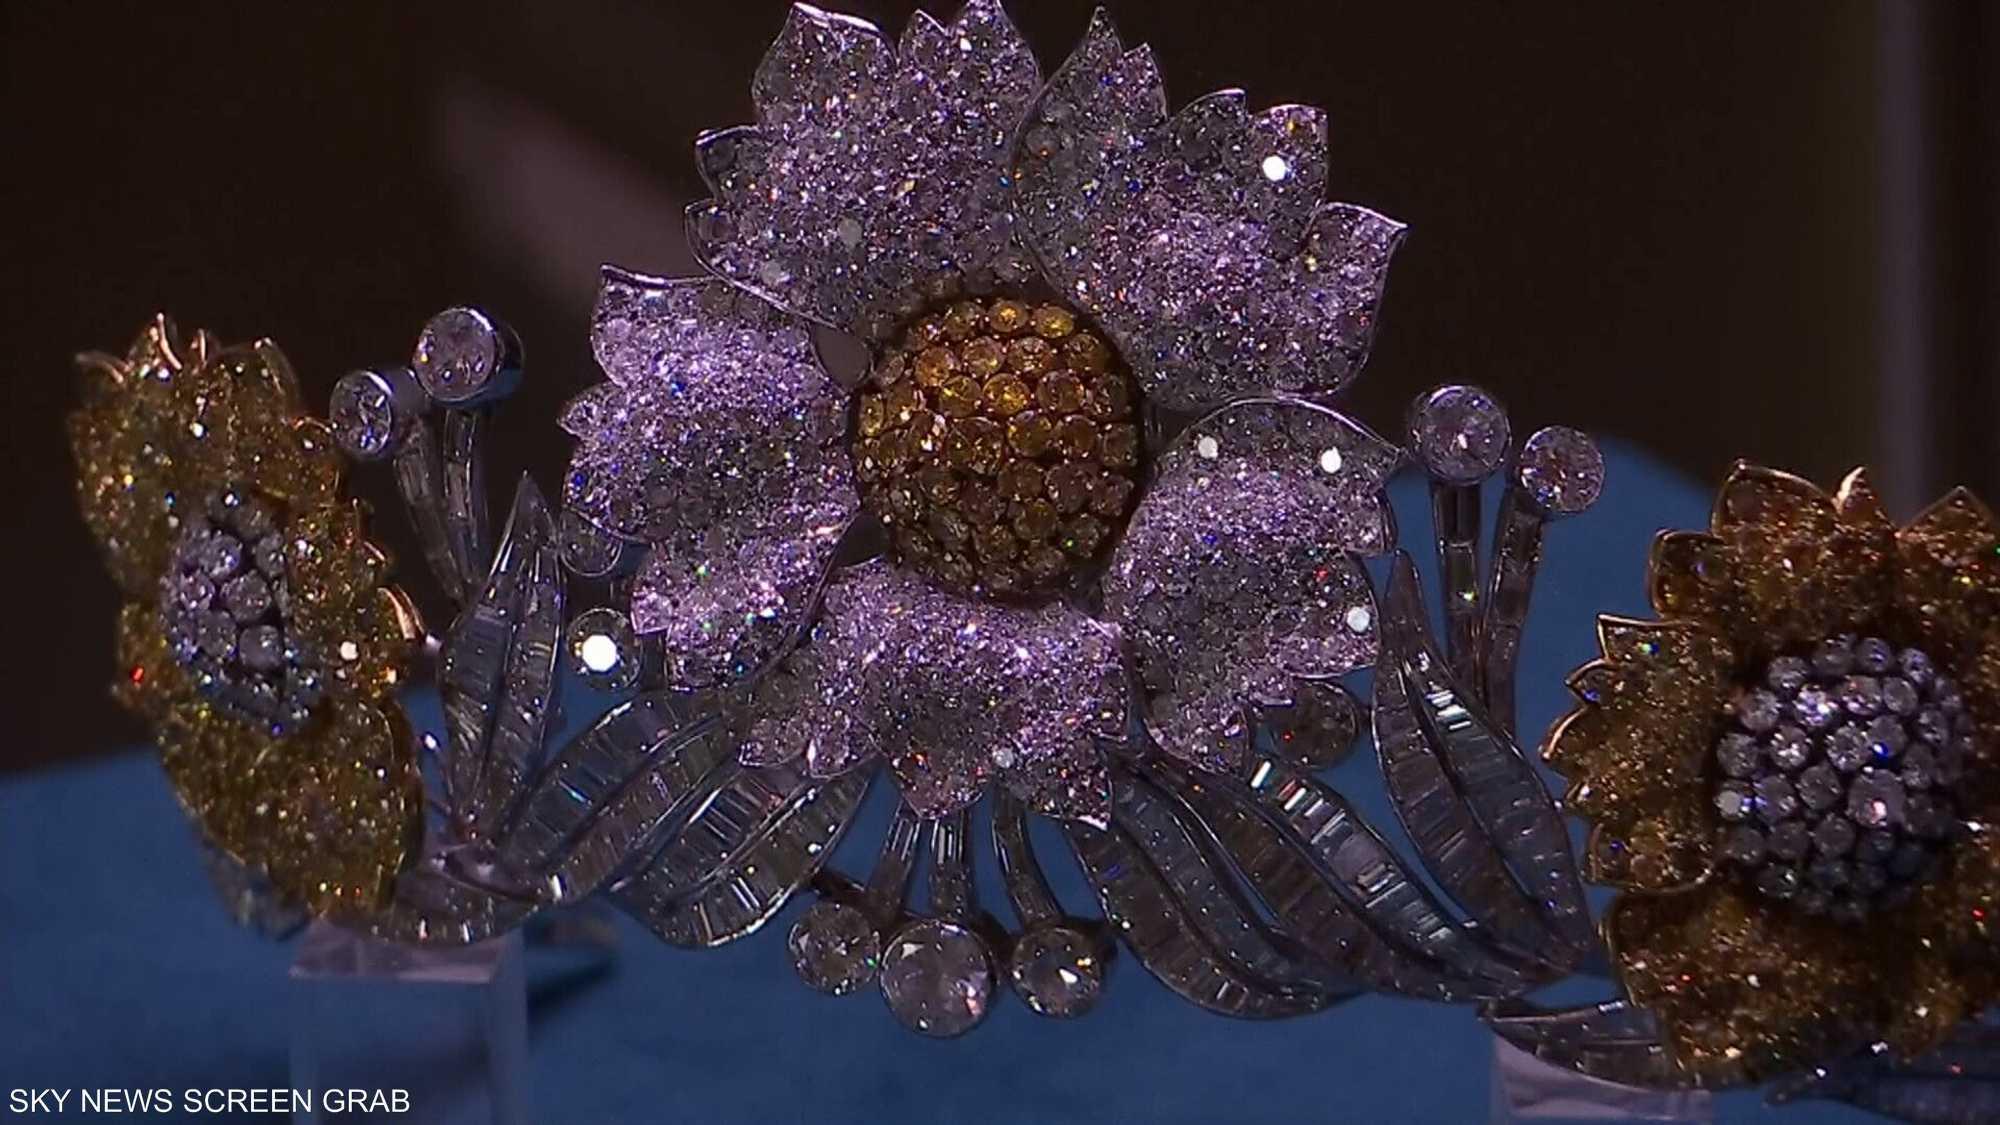 متحف المجوهرات بالإسكندرية.. شاهد على تاريخ العائلة المالكة